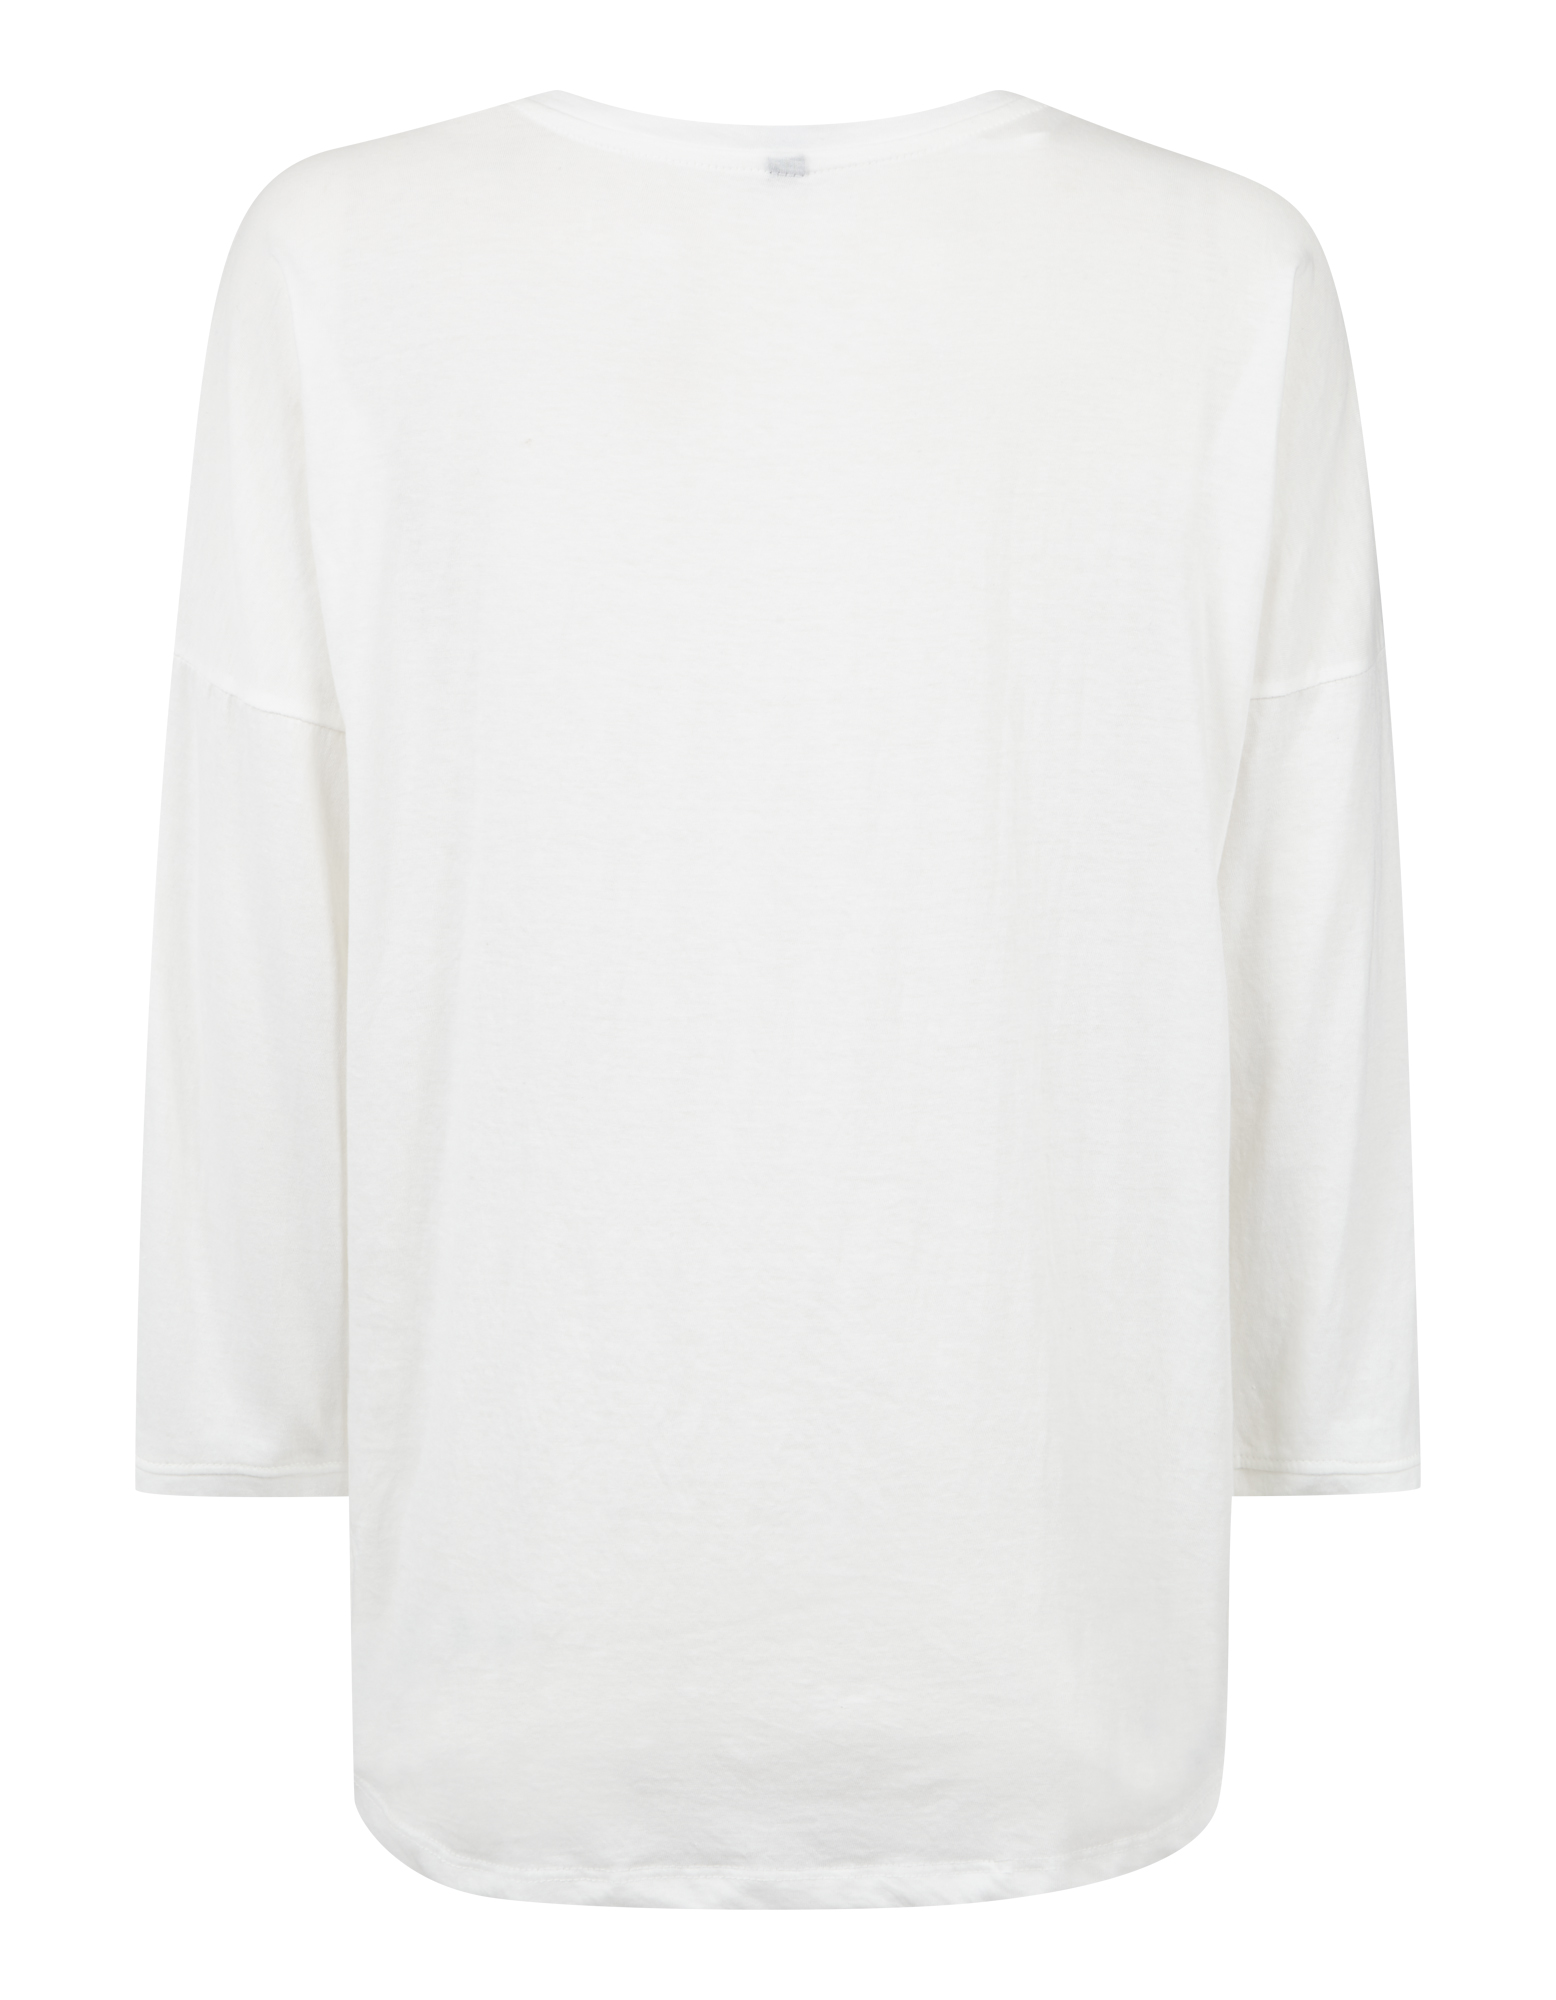 damen shirt mit pailletten besatz takko fashion. Black Bedroom Furniture Sets. Home Design Ideas